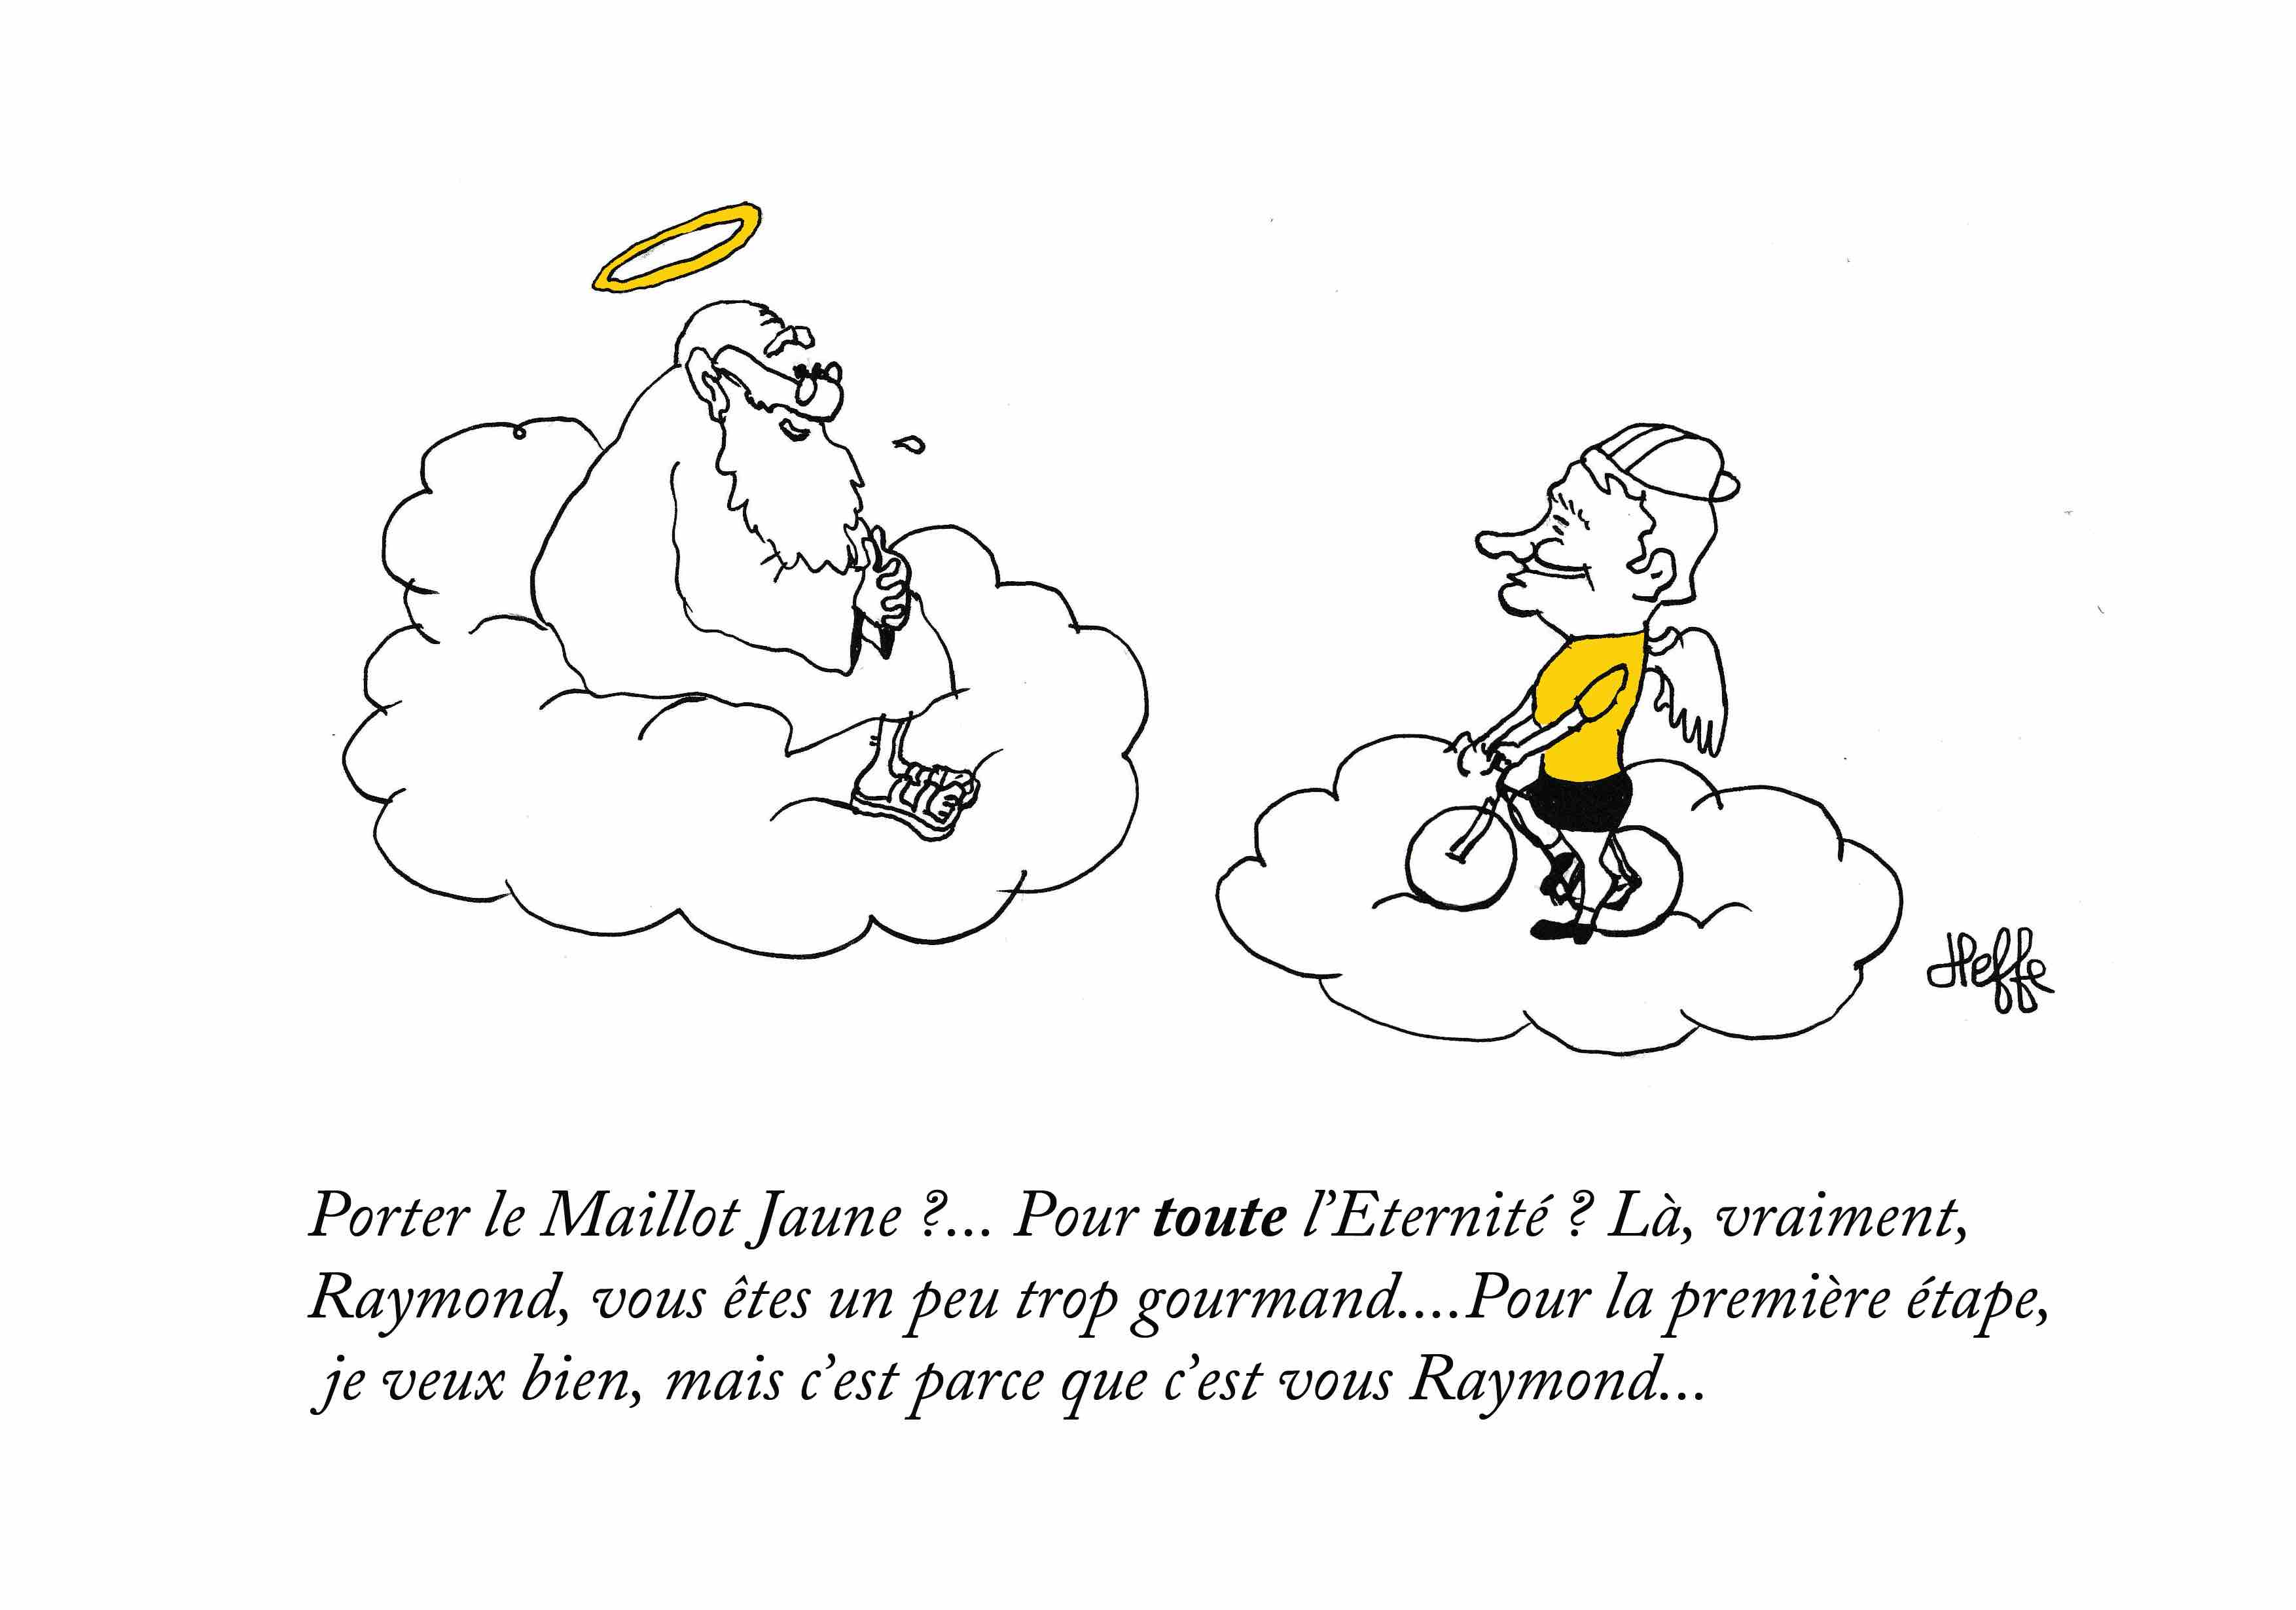 MORT DE RAYMOND POULIDOR : LE MAILLOT JAUNE AU PARADIS